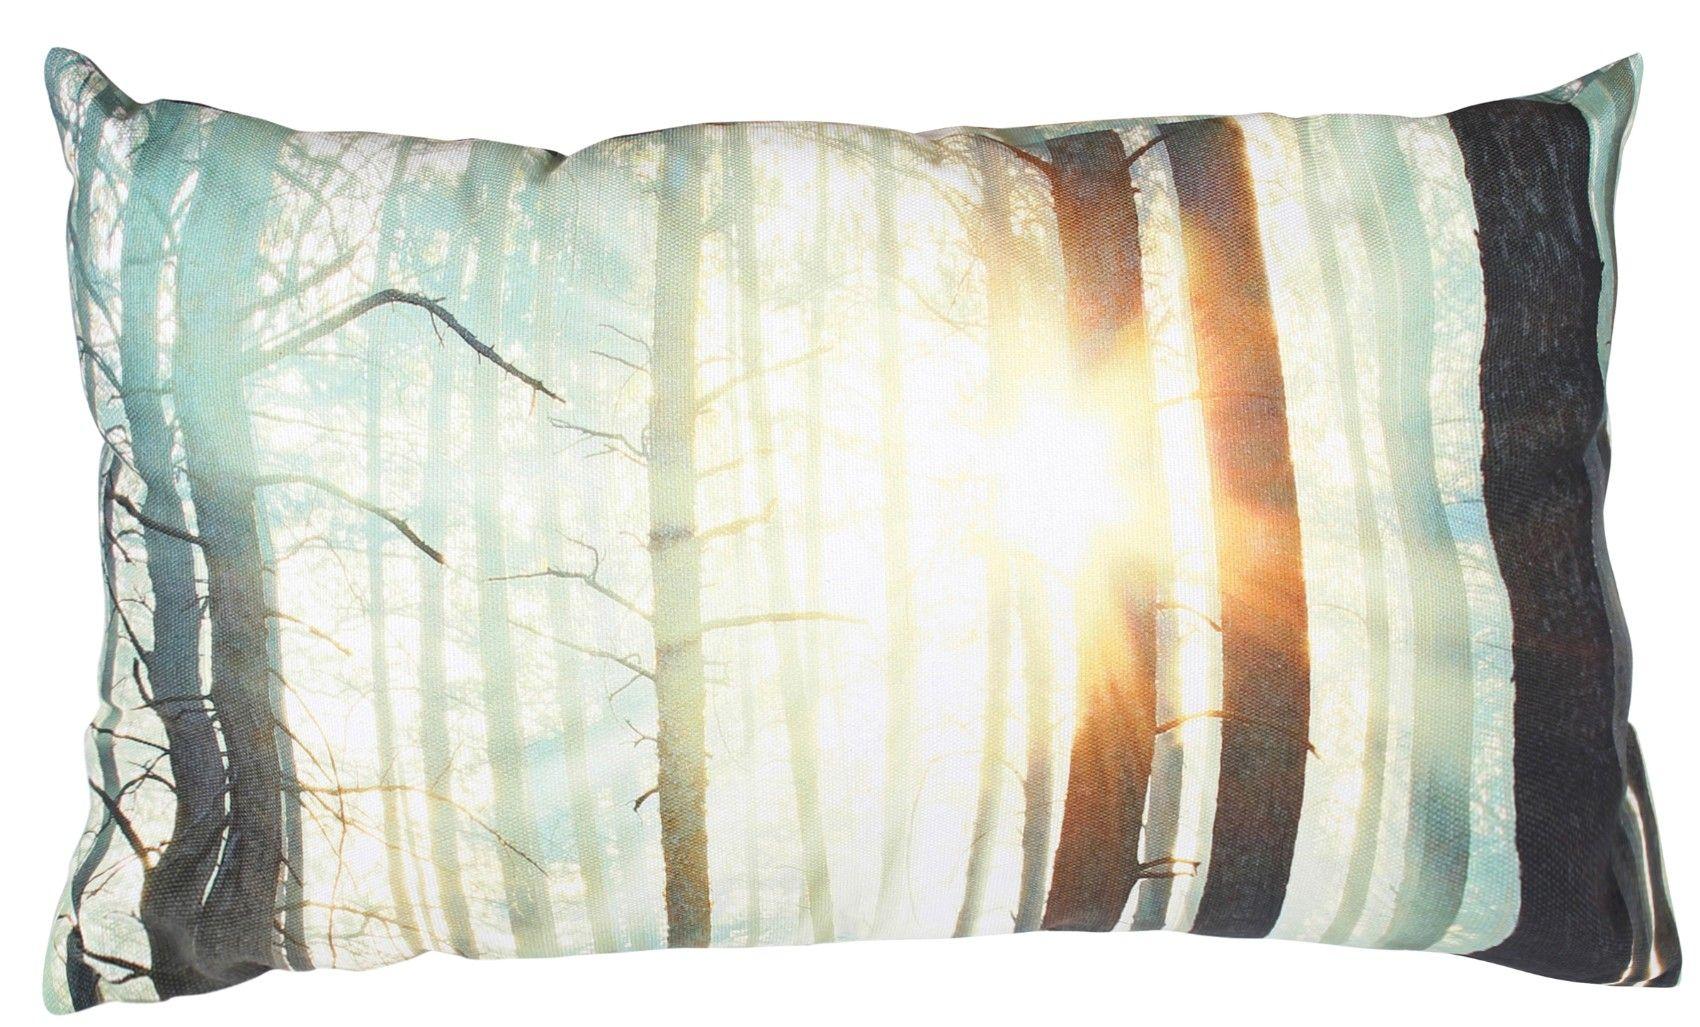 Essenza Kuschelkissen Forest Trees Green, 50 x 30 cm, ESSENZA - myToys.de